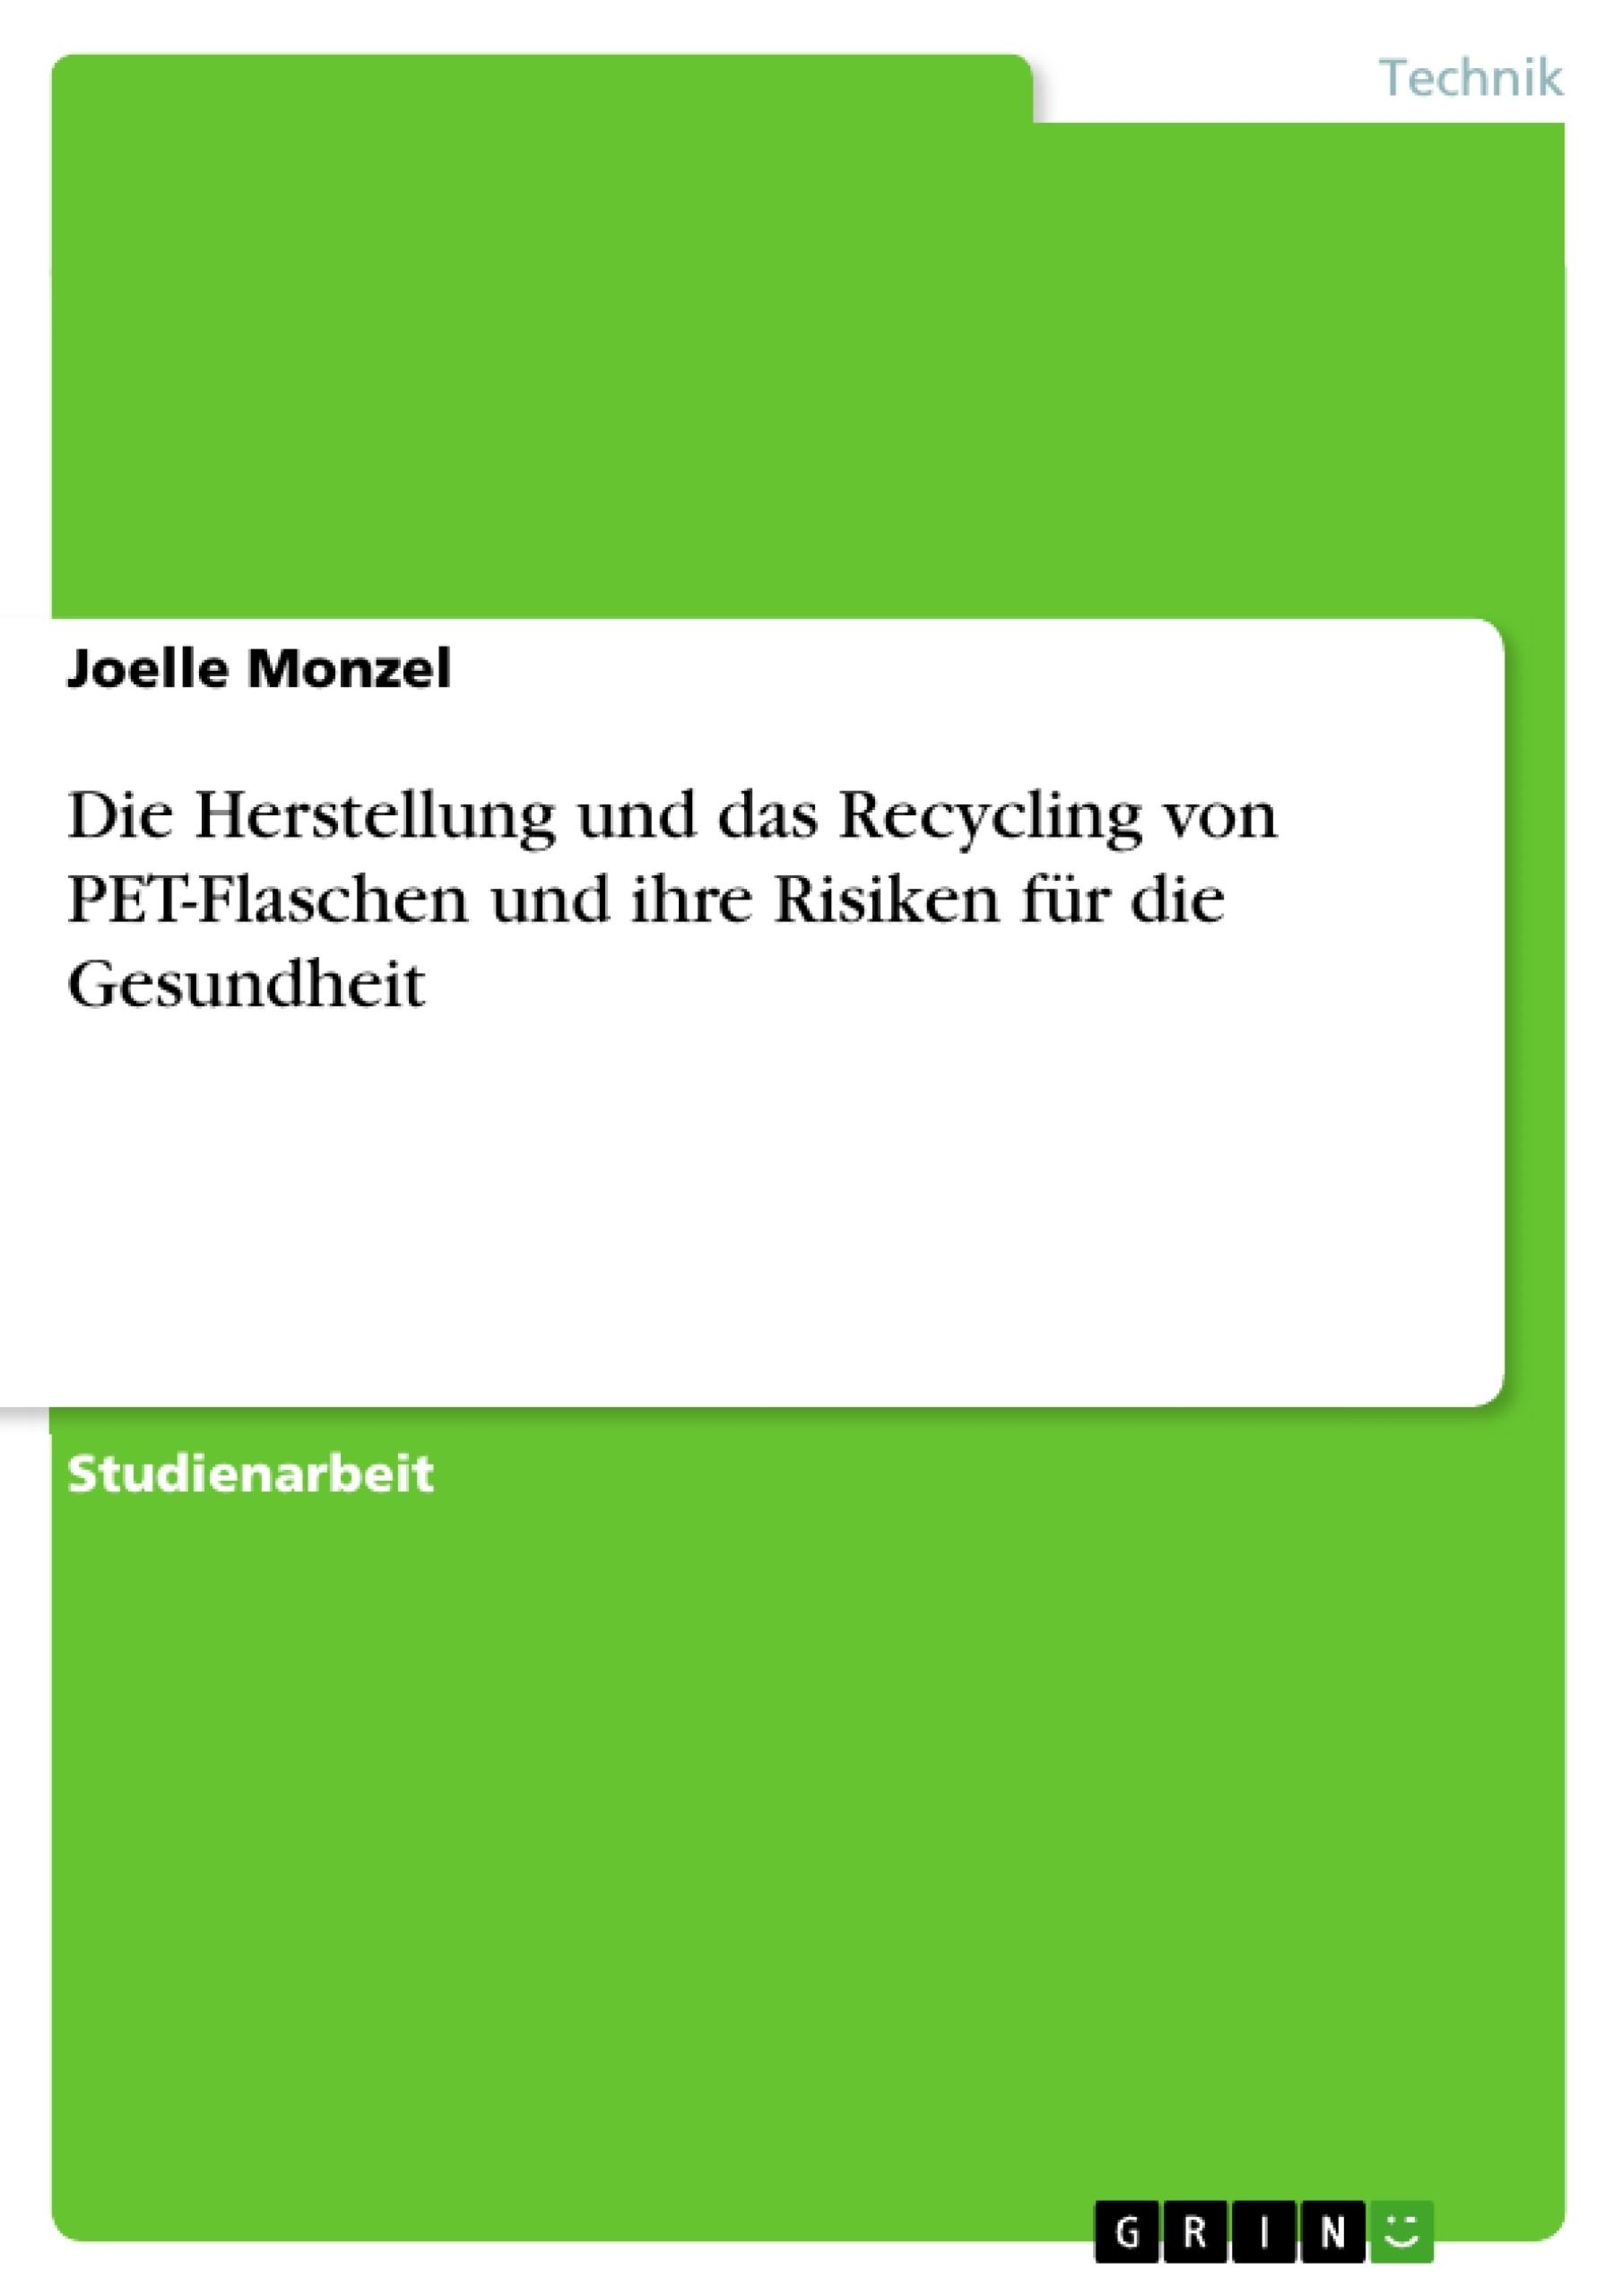 Titel: Die Herstellung und das Recycling von PET-Flaschen und ihre Risiken für die Gesundheit